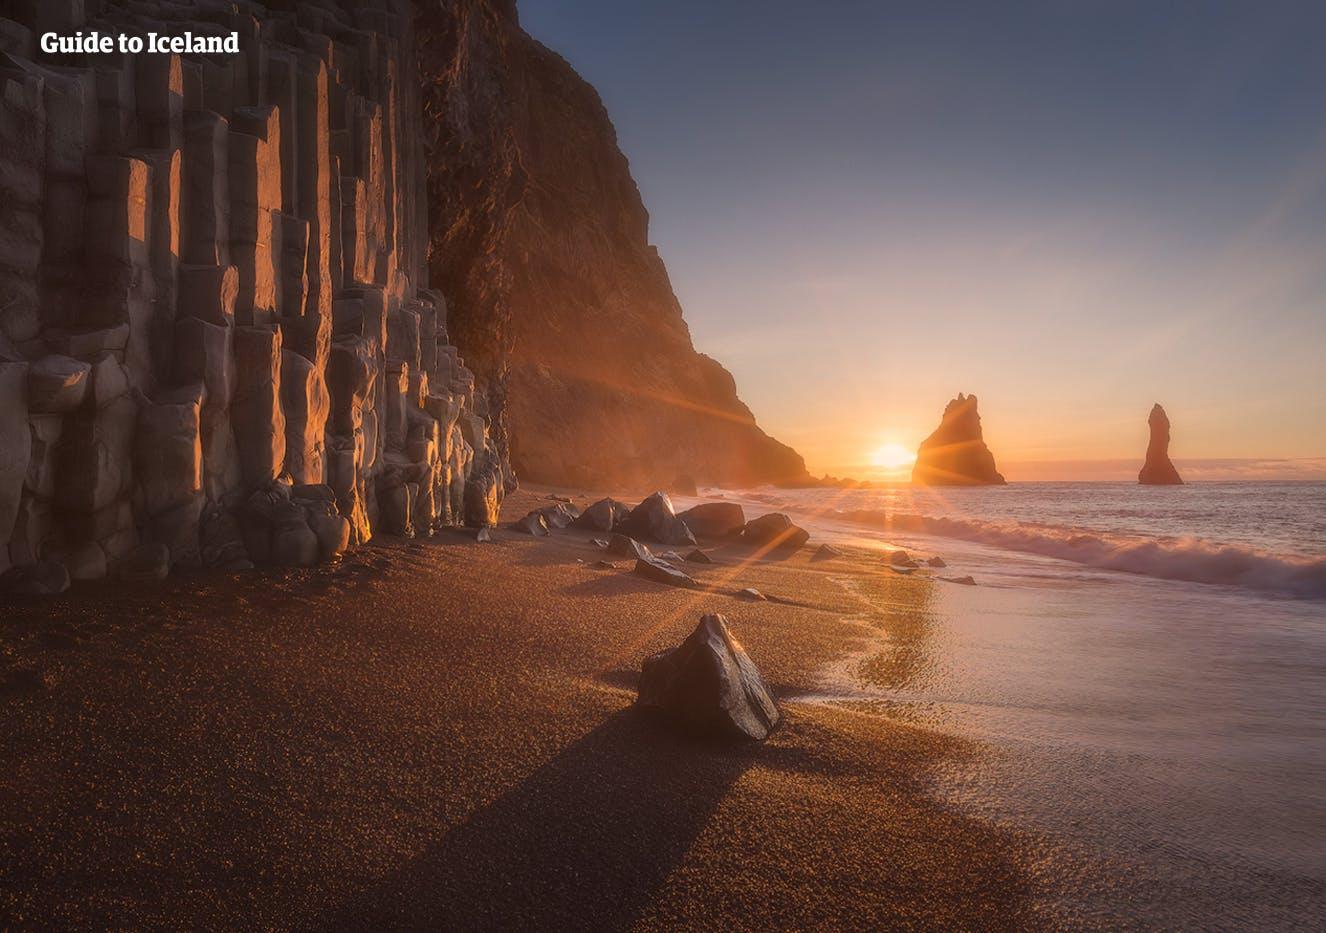 Скалы Рейнисдрангар в Исландии (фото Юрие Белегурши).